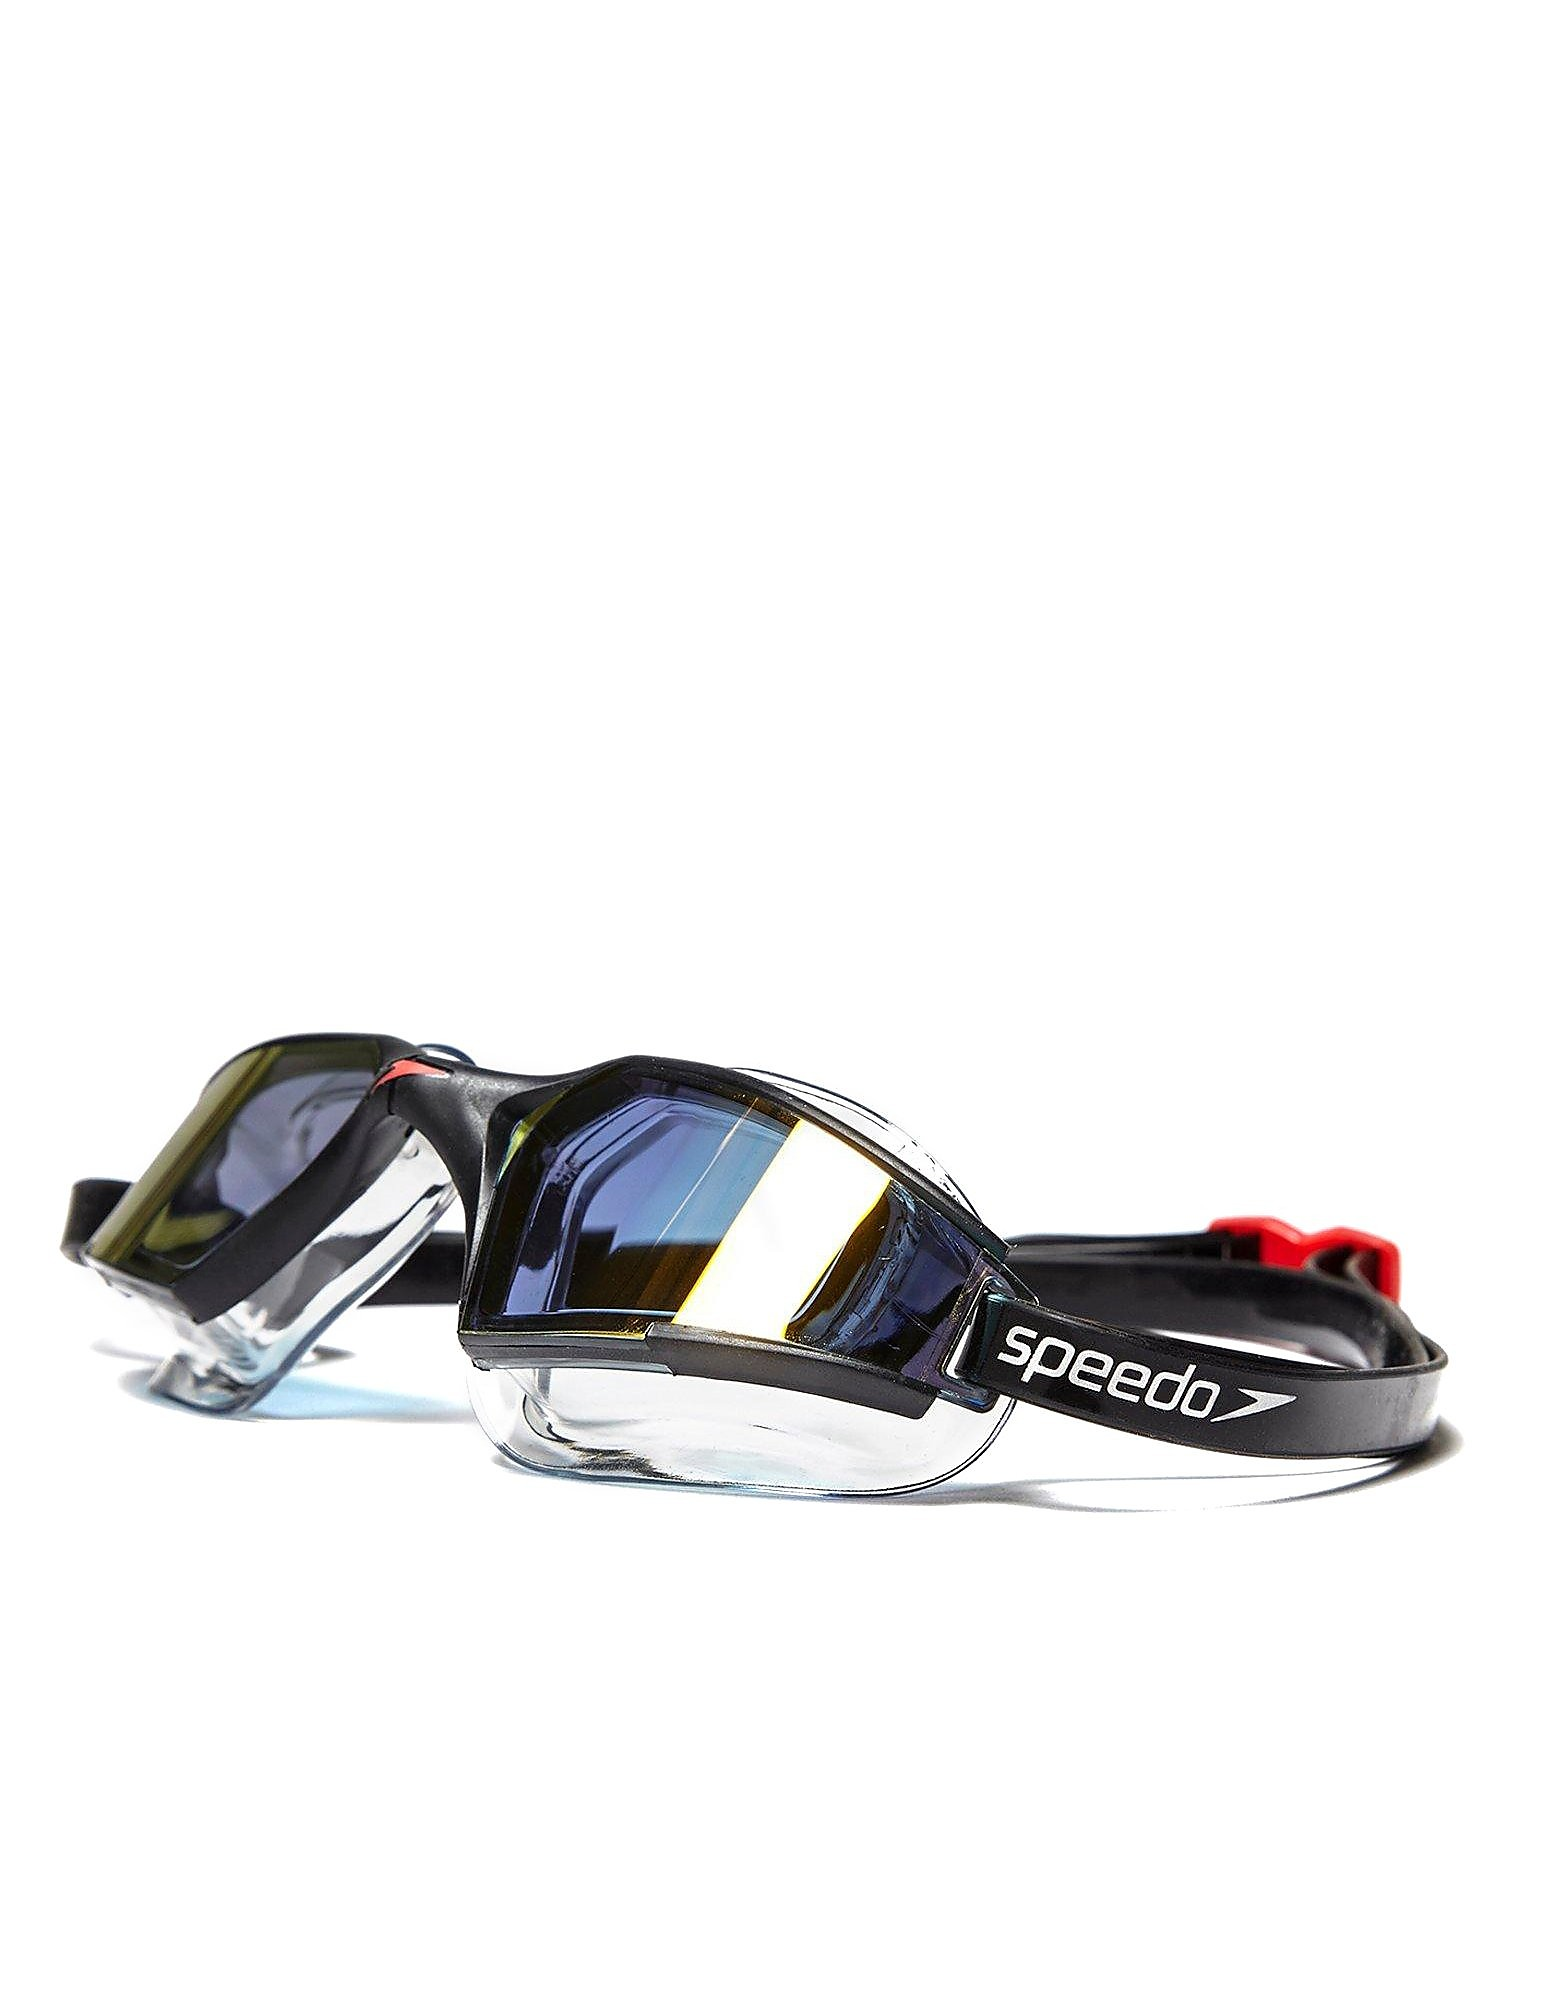 Speedo Aquapulse Max Mirror Goggles